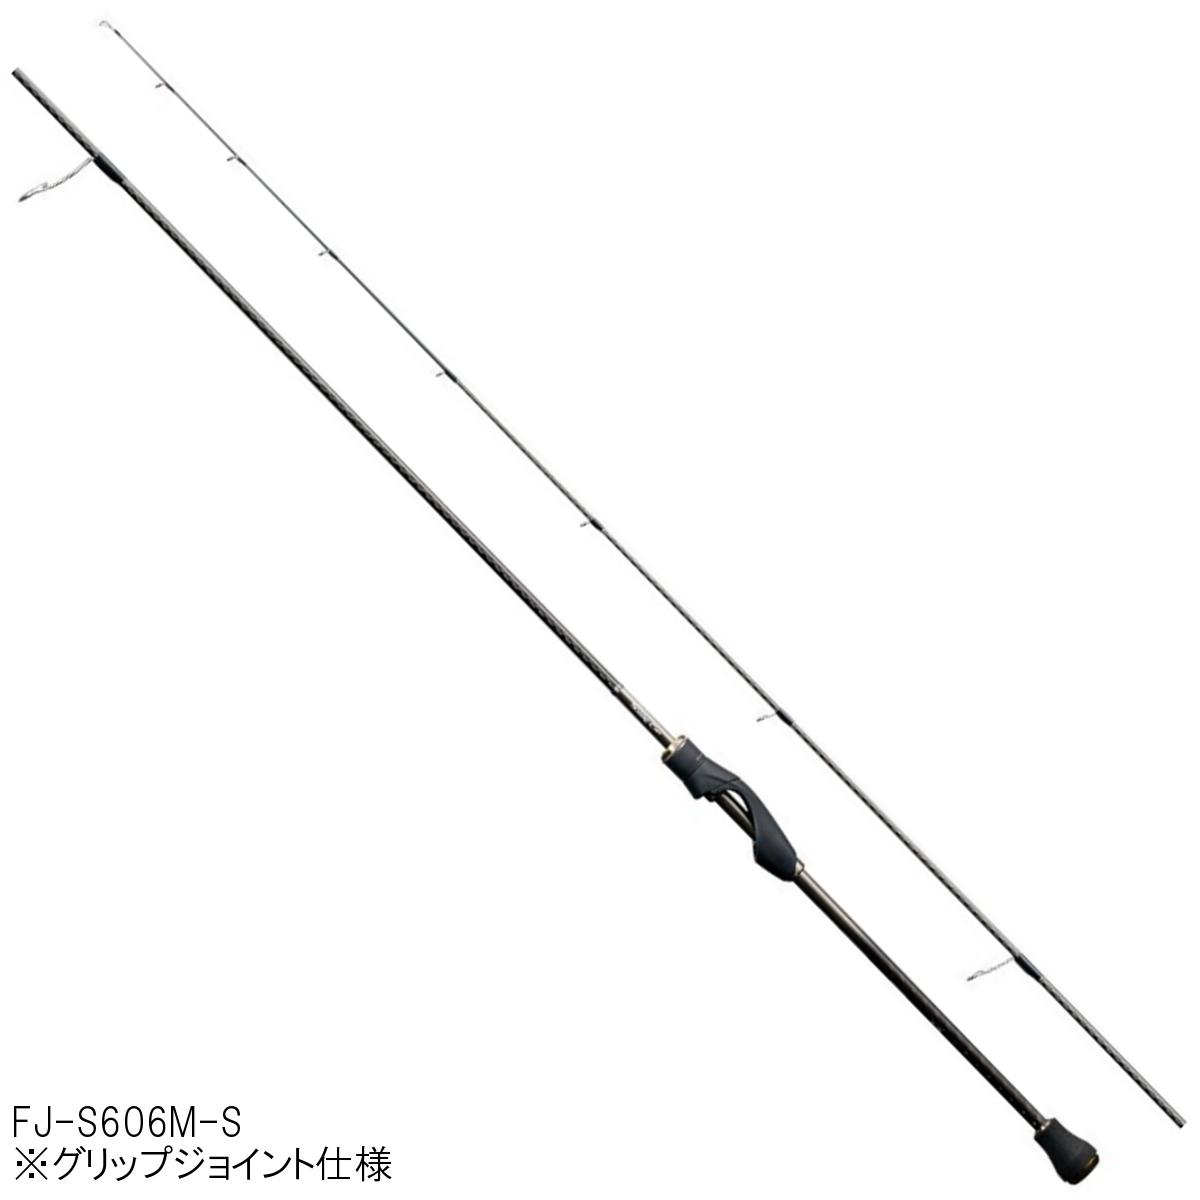 シマノ ソアレ CI4+ ディープ アジング FJ-S606M-S【大型商品】